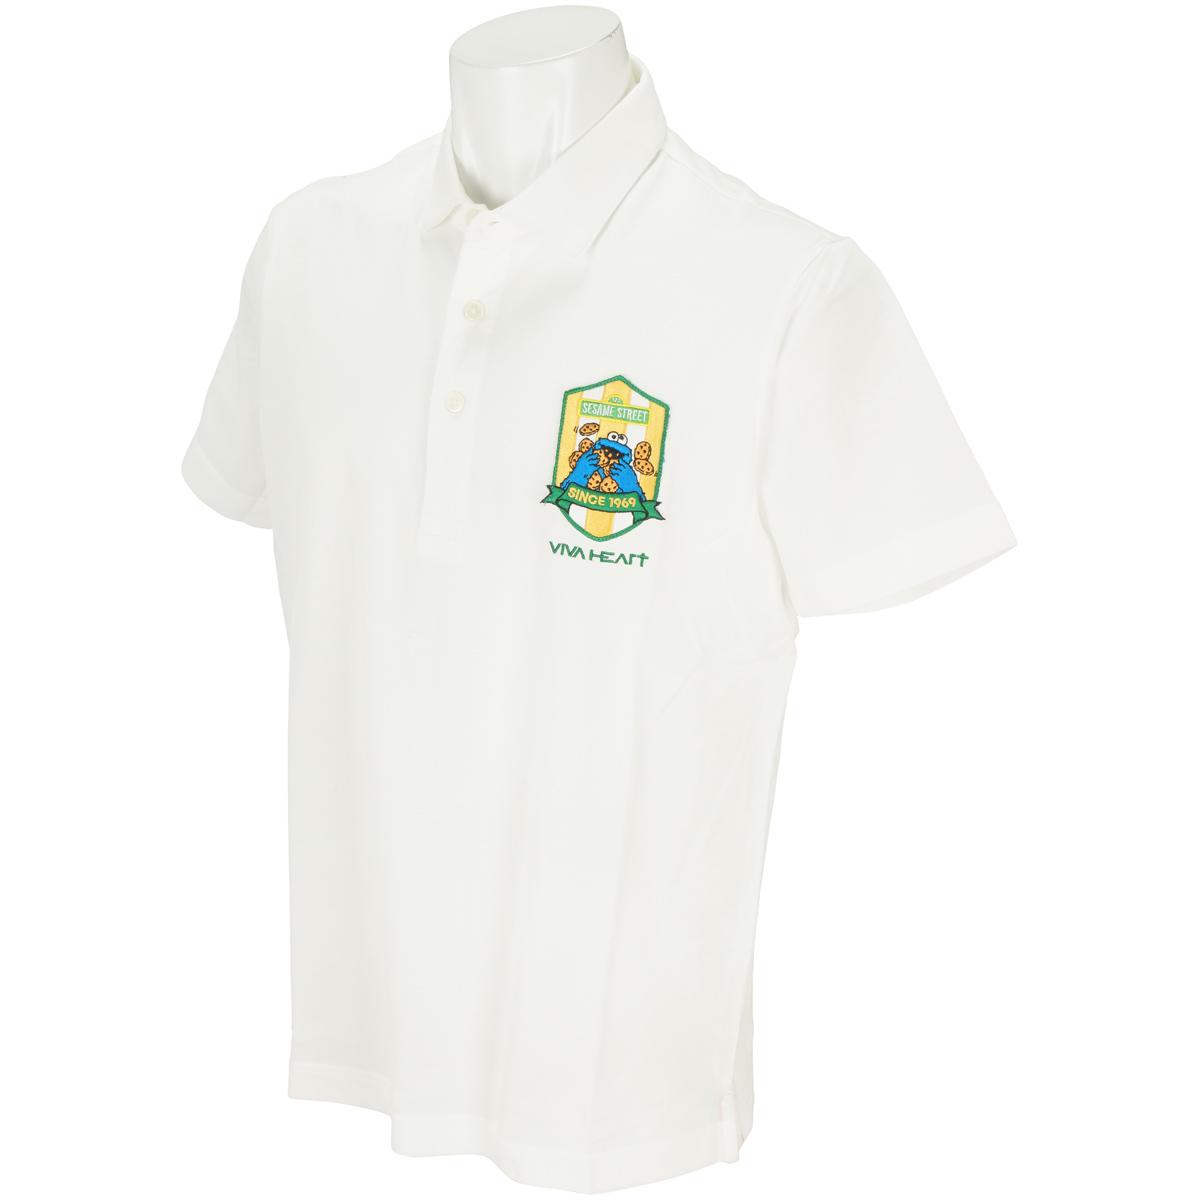 アロフト鹿の子 クッキーモンスター半袖ポロシャツ